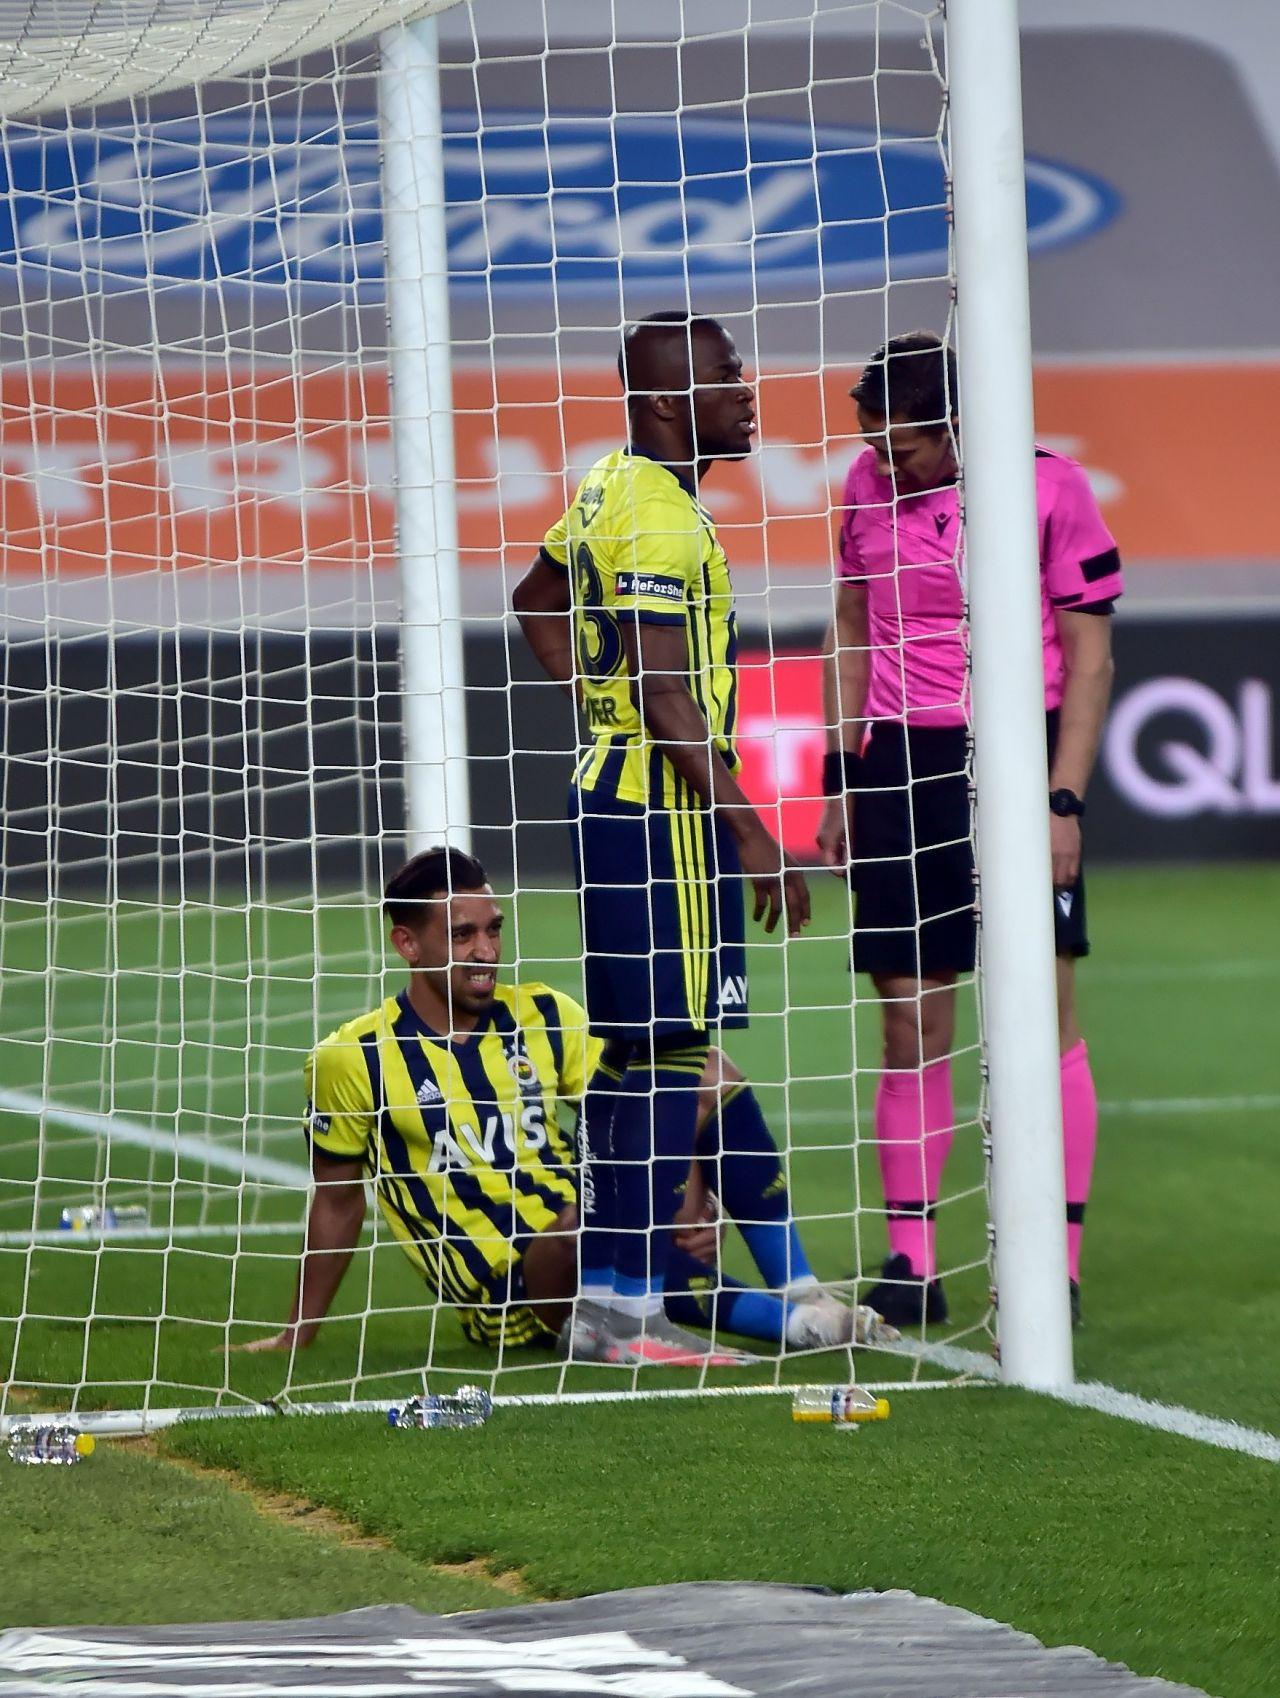 Fenerbahçe Sivasspor Maç Özeti ve Golleri İzle | Maçtan unutulmaz kareler - Sayfa 4